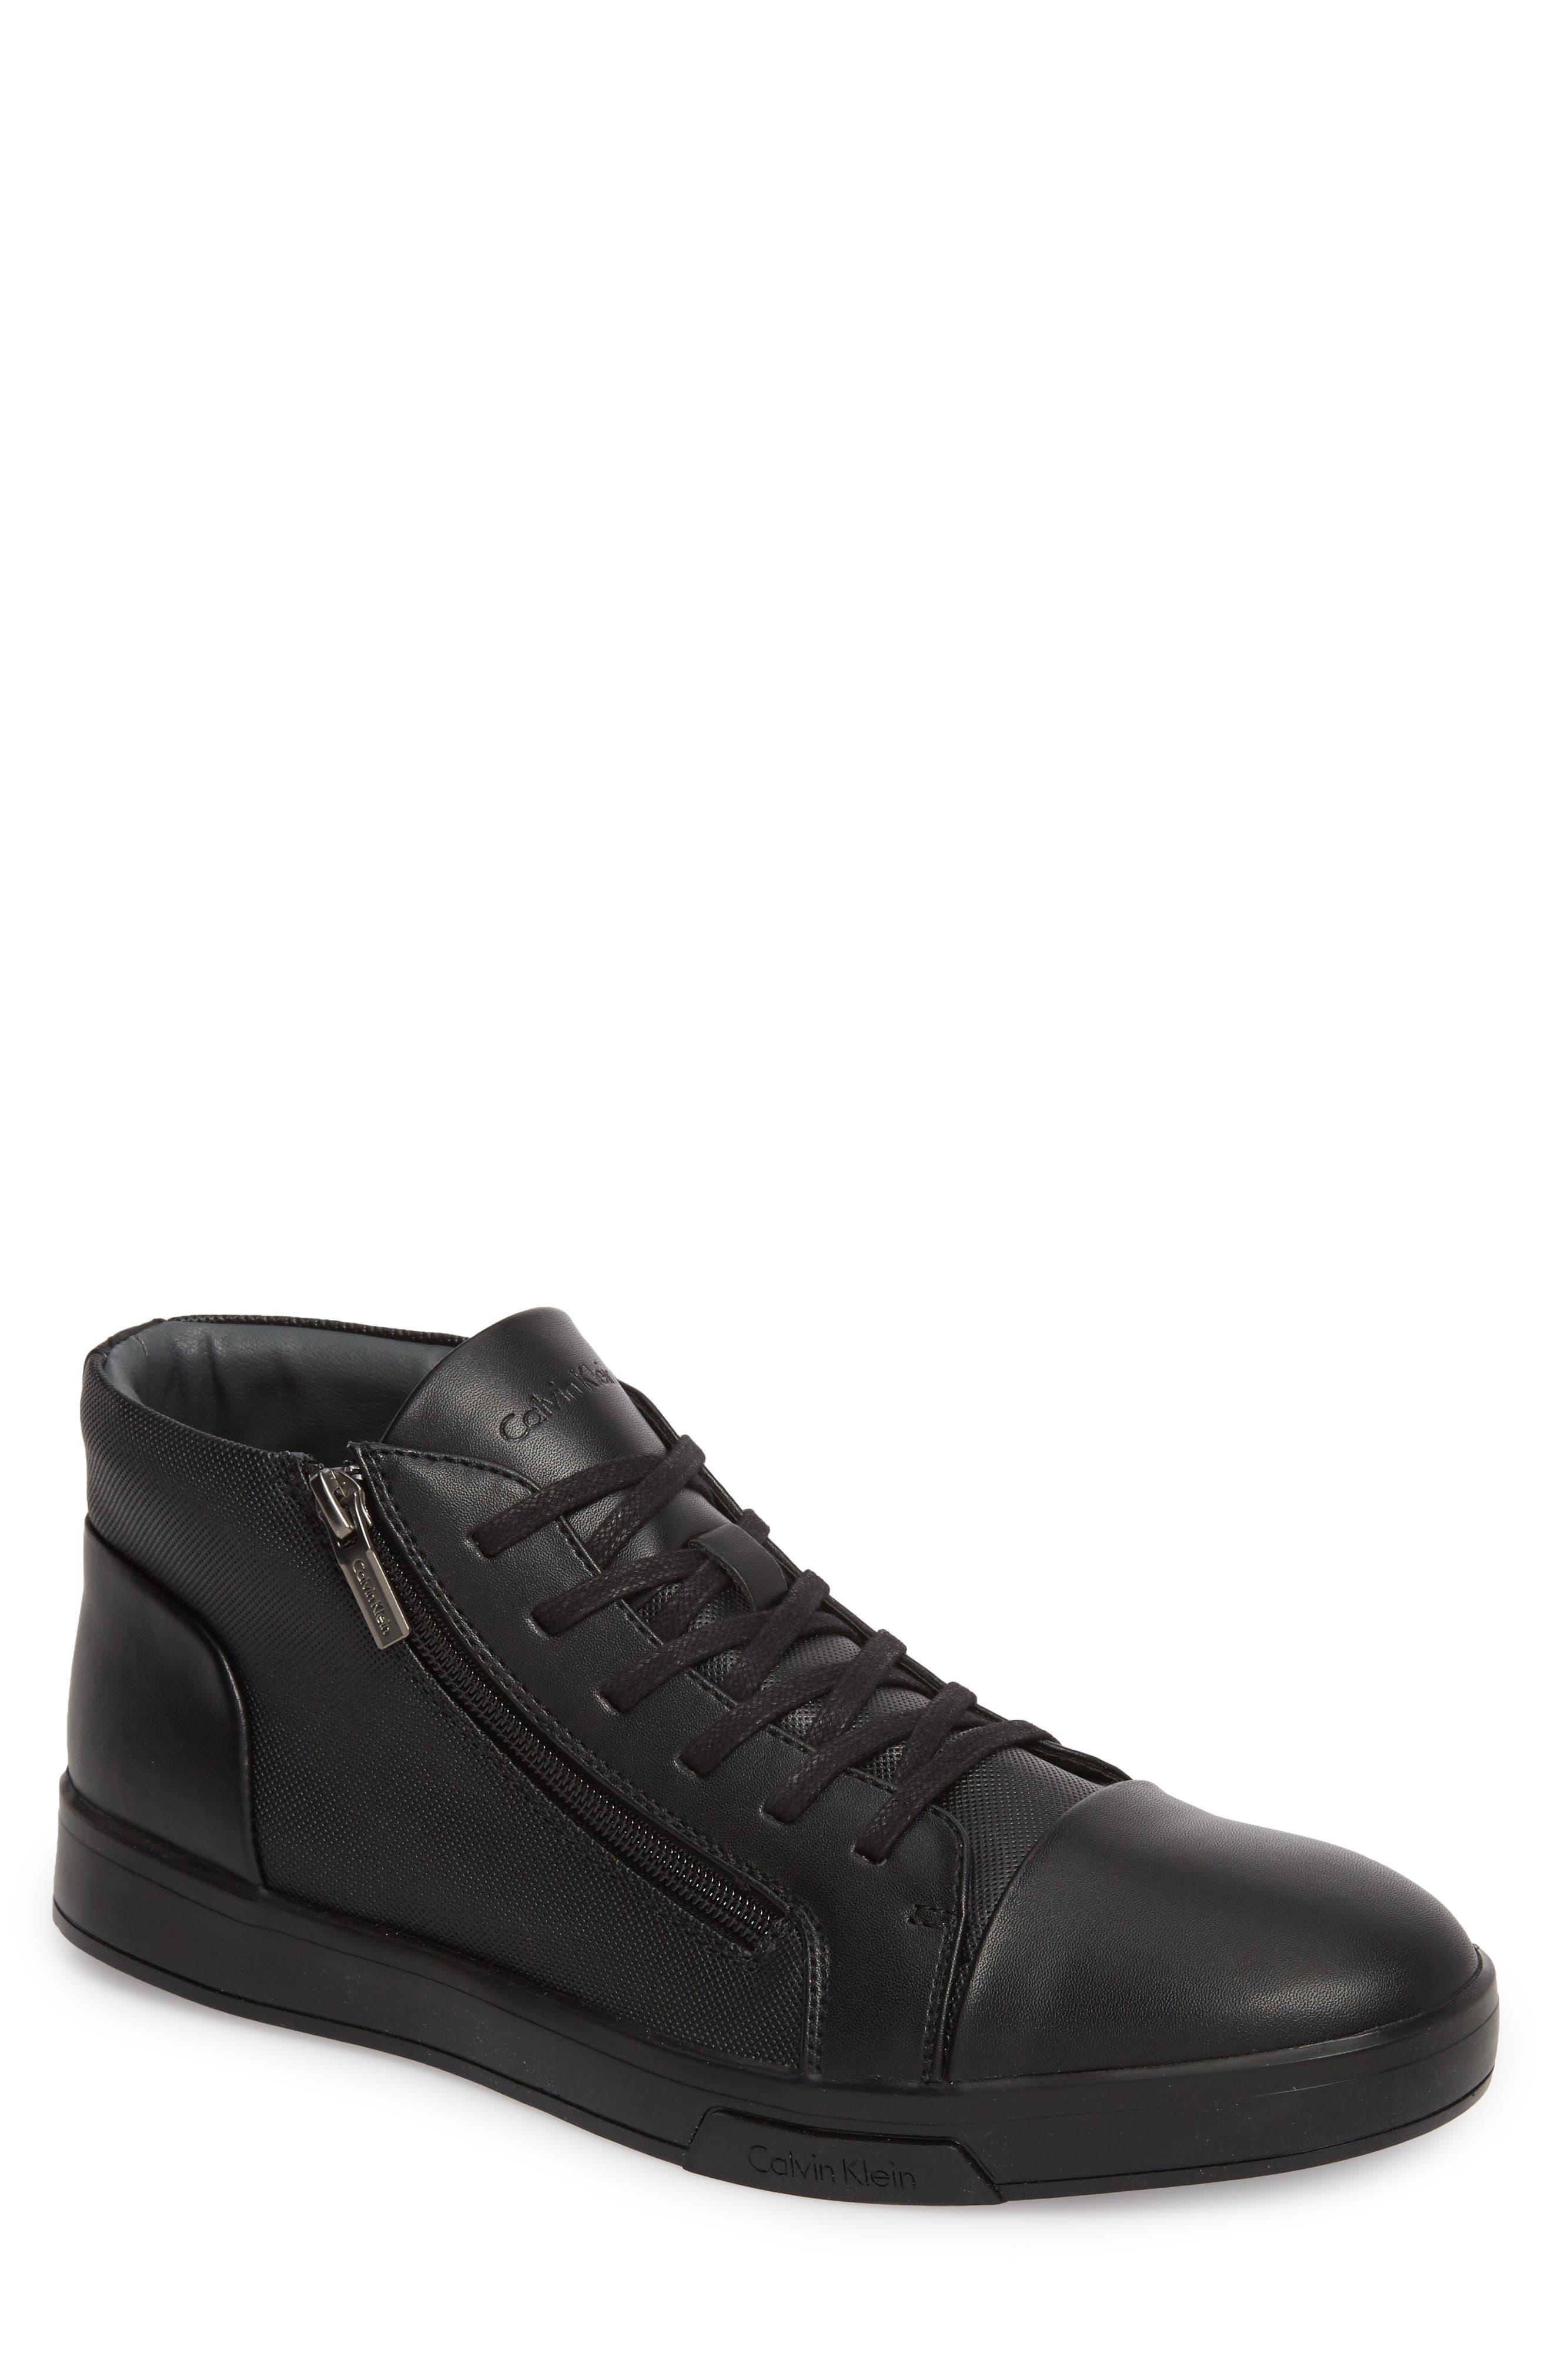 Calvin Klein Bozeman High Top Sneaker